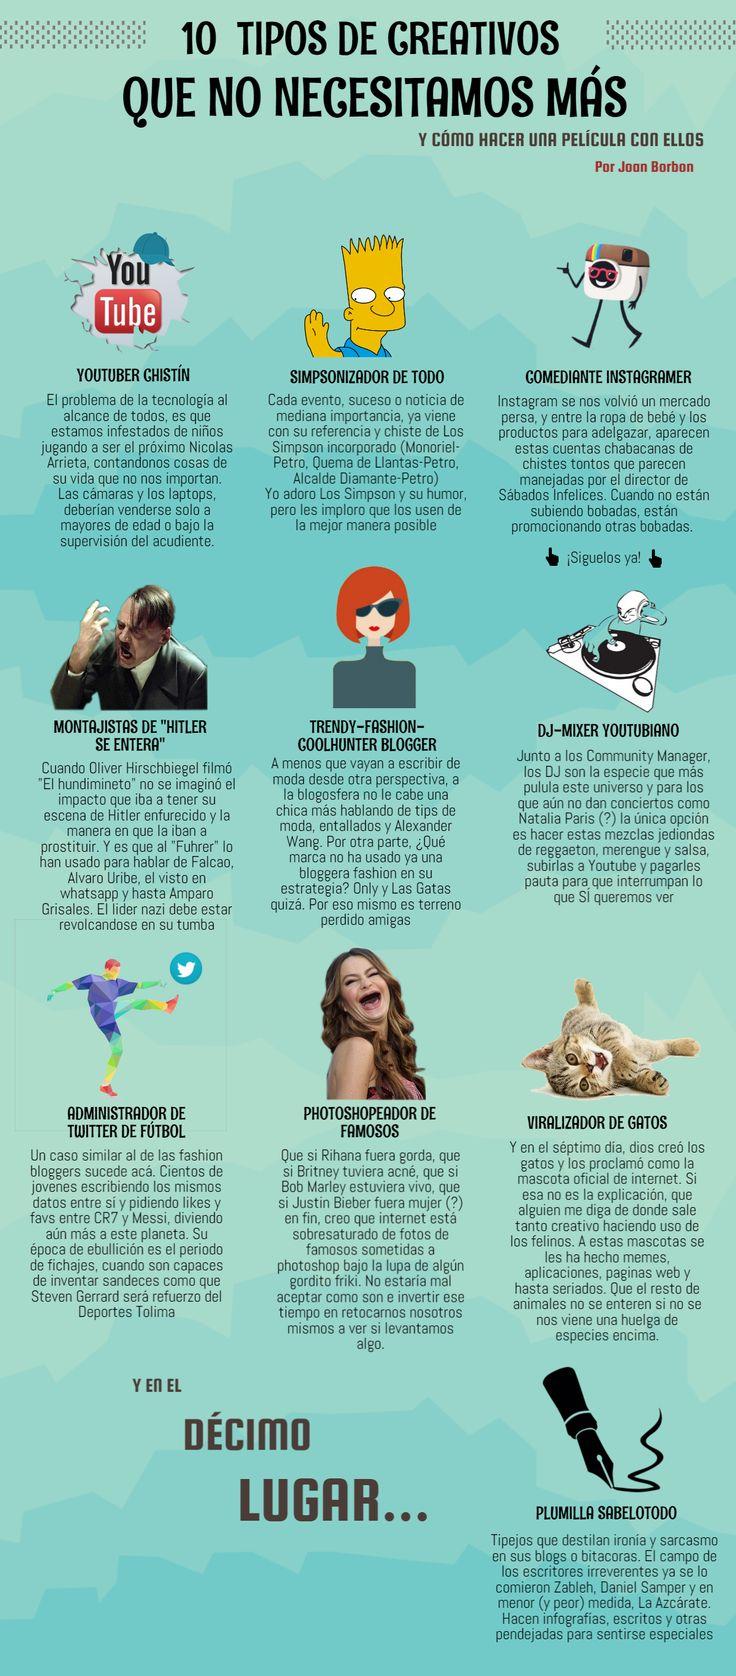 Internet y la creatividad.  Memes, gatos, youtubers y otras cosas que no necesitamos más